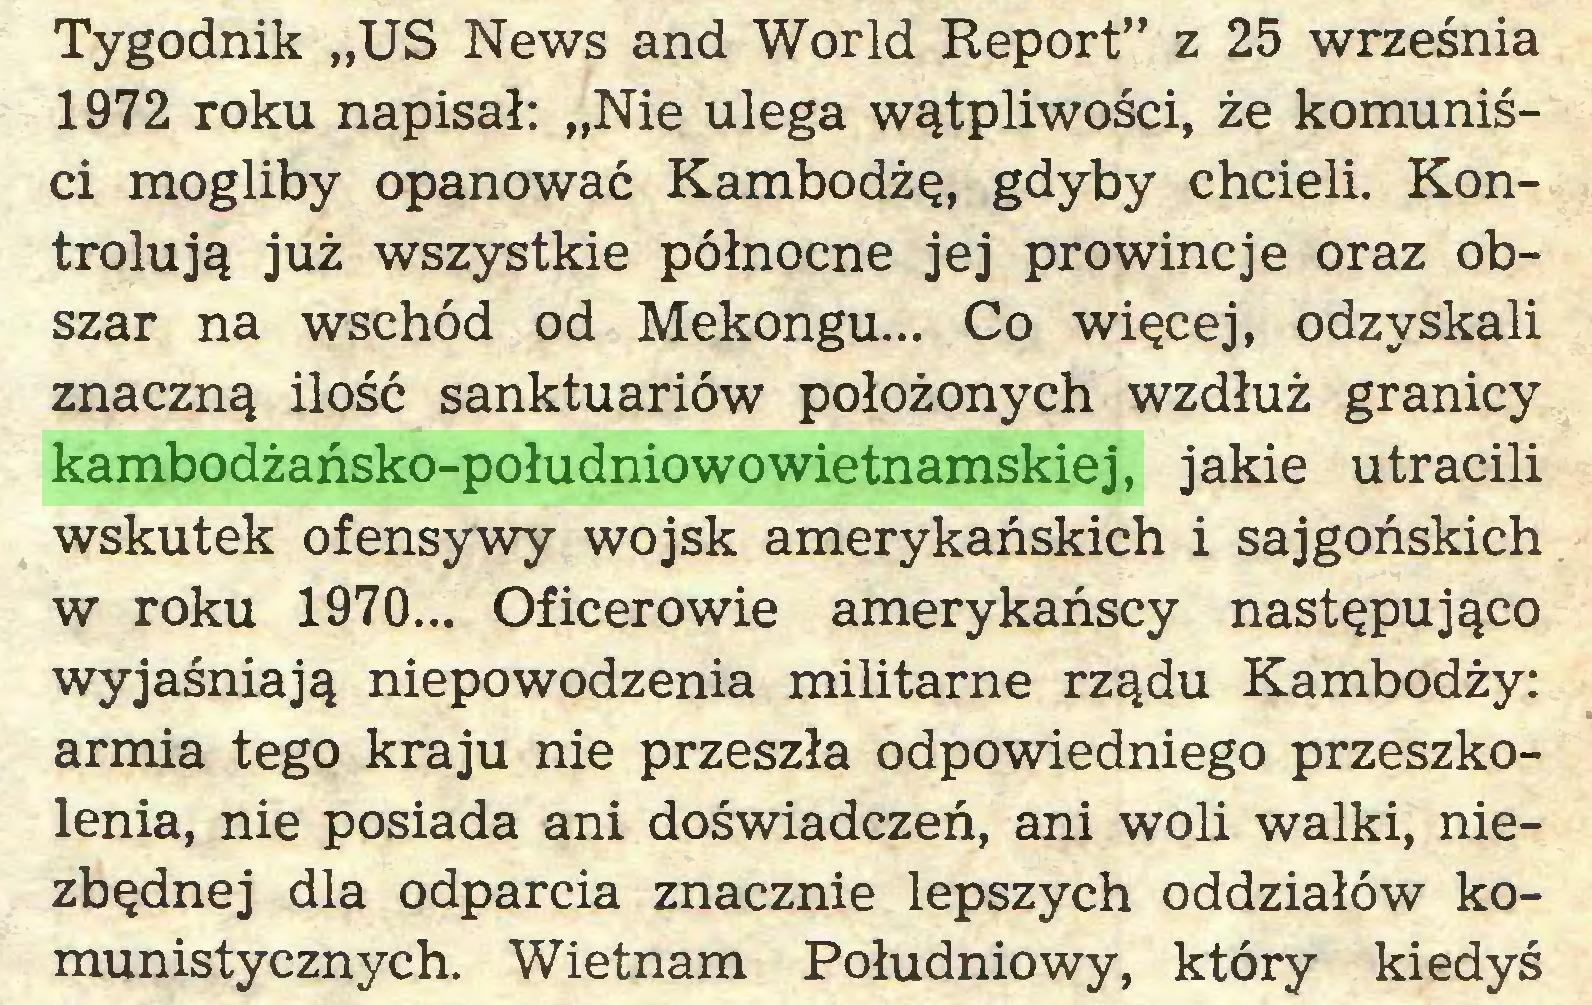 """(...) Tygodnik """"US News and World Report"""" z 25 września 1972 roku napisał: """"Nie ulega wątpliwości, że komuniści mogliby opanować Kambodżę, gdyby chcieli. Kontrolują już wszystkie północne jej prowincje oraz obszar na wschód od Mekongu... Co więcej, odzyskali znaczną ilość sanktuariów położonych wzdłuż granicy kambodżańsko-południowowietnamskiej, jakie utracili wskutek ofensywy wojsk amerykańskich i sajgońskich w roku 1970... Oficerowie amerykańscy następująco wyjaśniają niepowodzenia militarne rządu Kambodży: armia tego kraju nie przeszła odpowiedniego przeszkolenia, nie posiada ani doświadczeń, ani woli walki, niezbędnej dla odparcia znacznie lepszych oddziałów komunistycznych. Wietnam Południowy, który kiedyś..."""